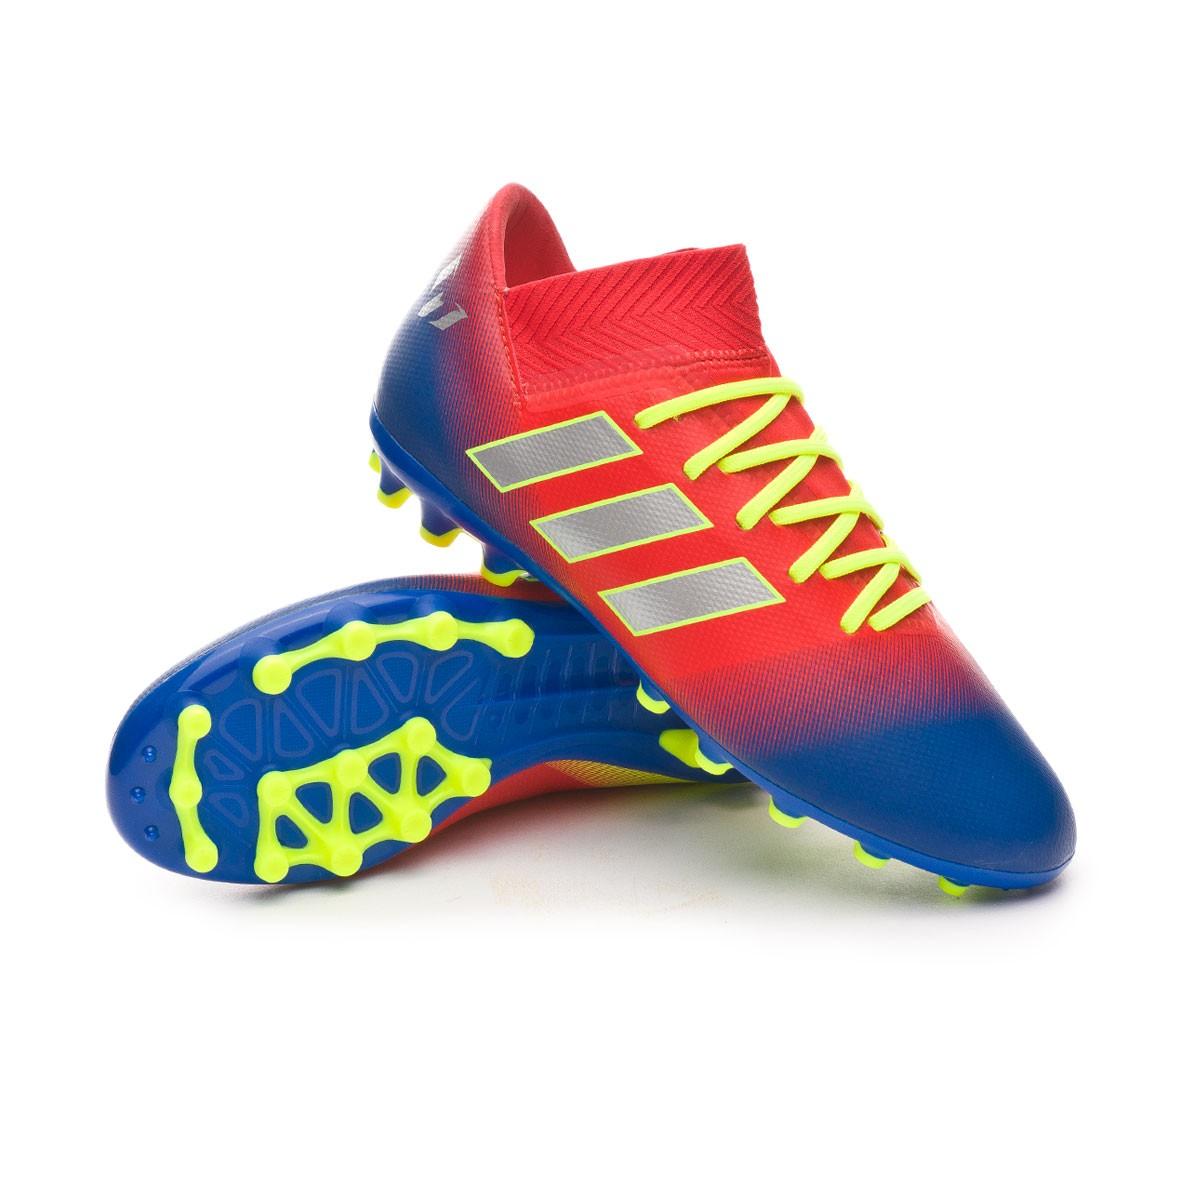 312c4957d Scarpe adidas Nemeziz Messi 18.3 AG Junior Active red-Silver  metallic-Football blue - Negozio di calcio Fútbol Emotion